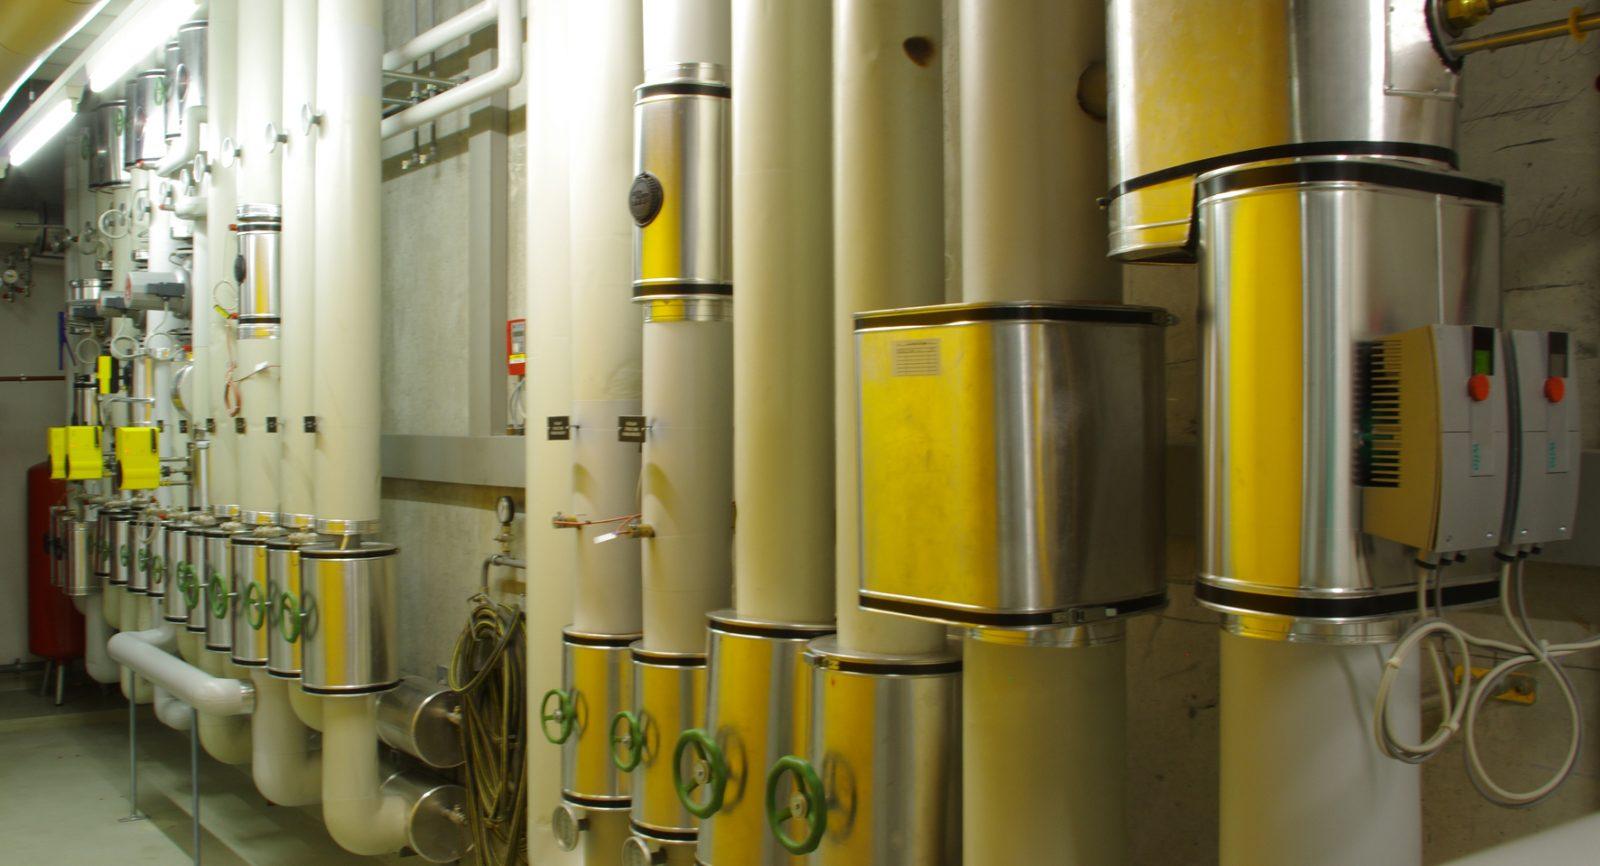 Wärmeverteiler für das Alterszentrum und den ange-schlossenen Wärmeverbund.